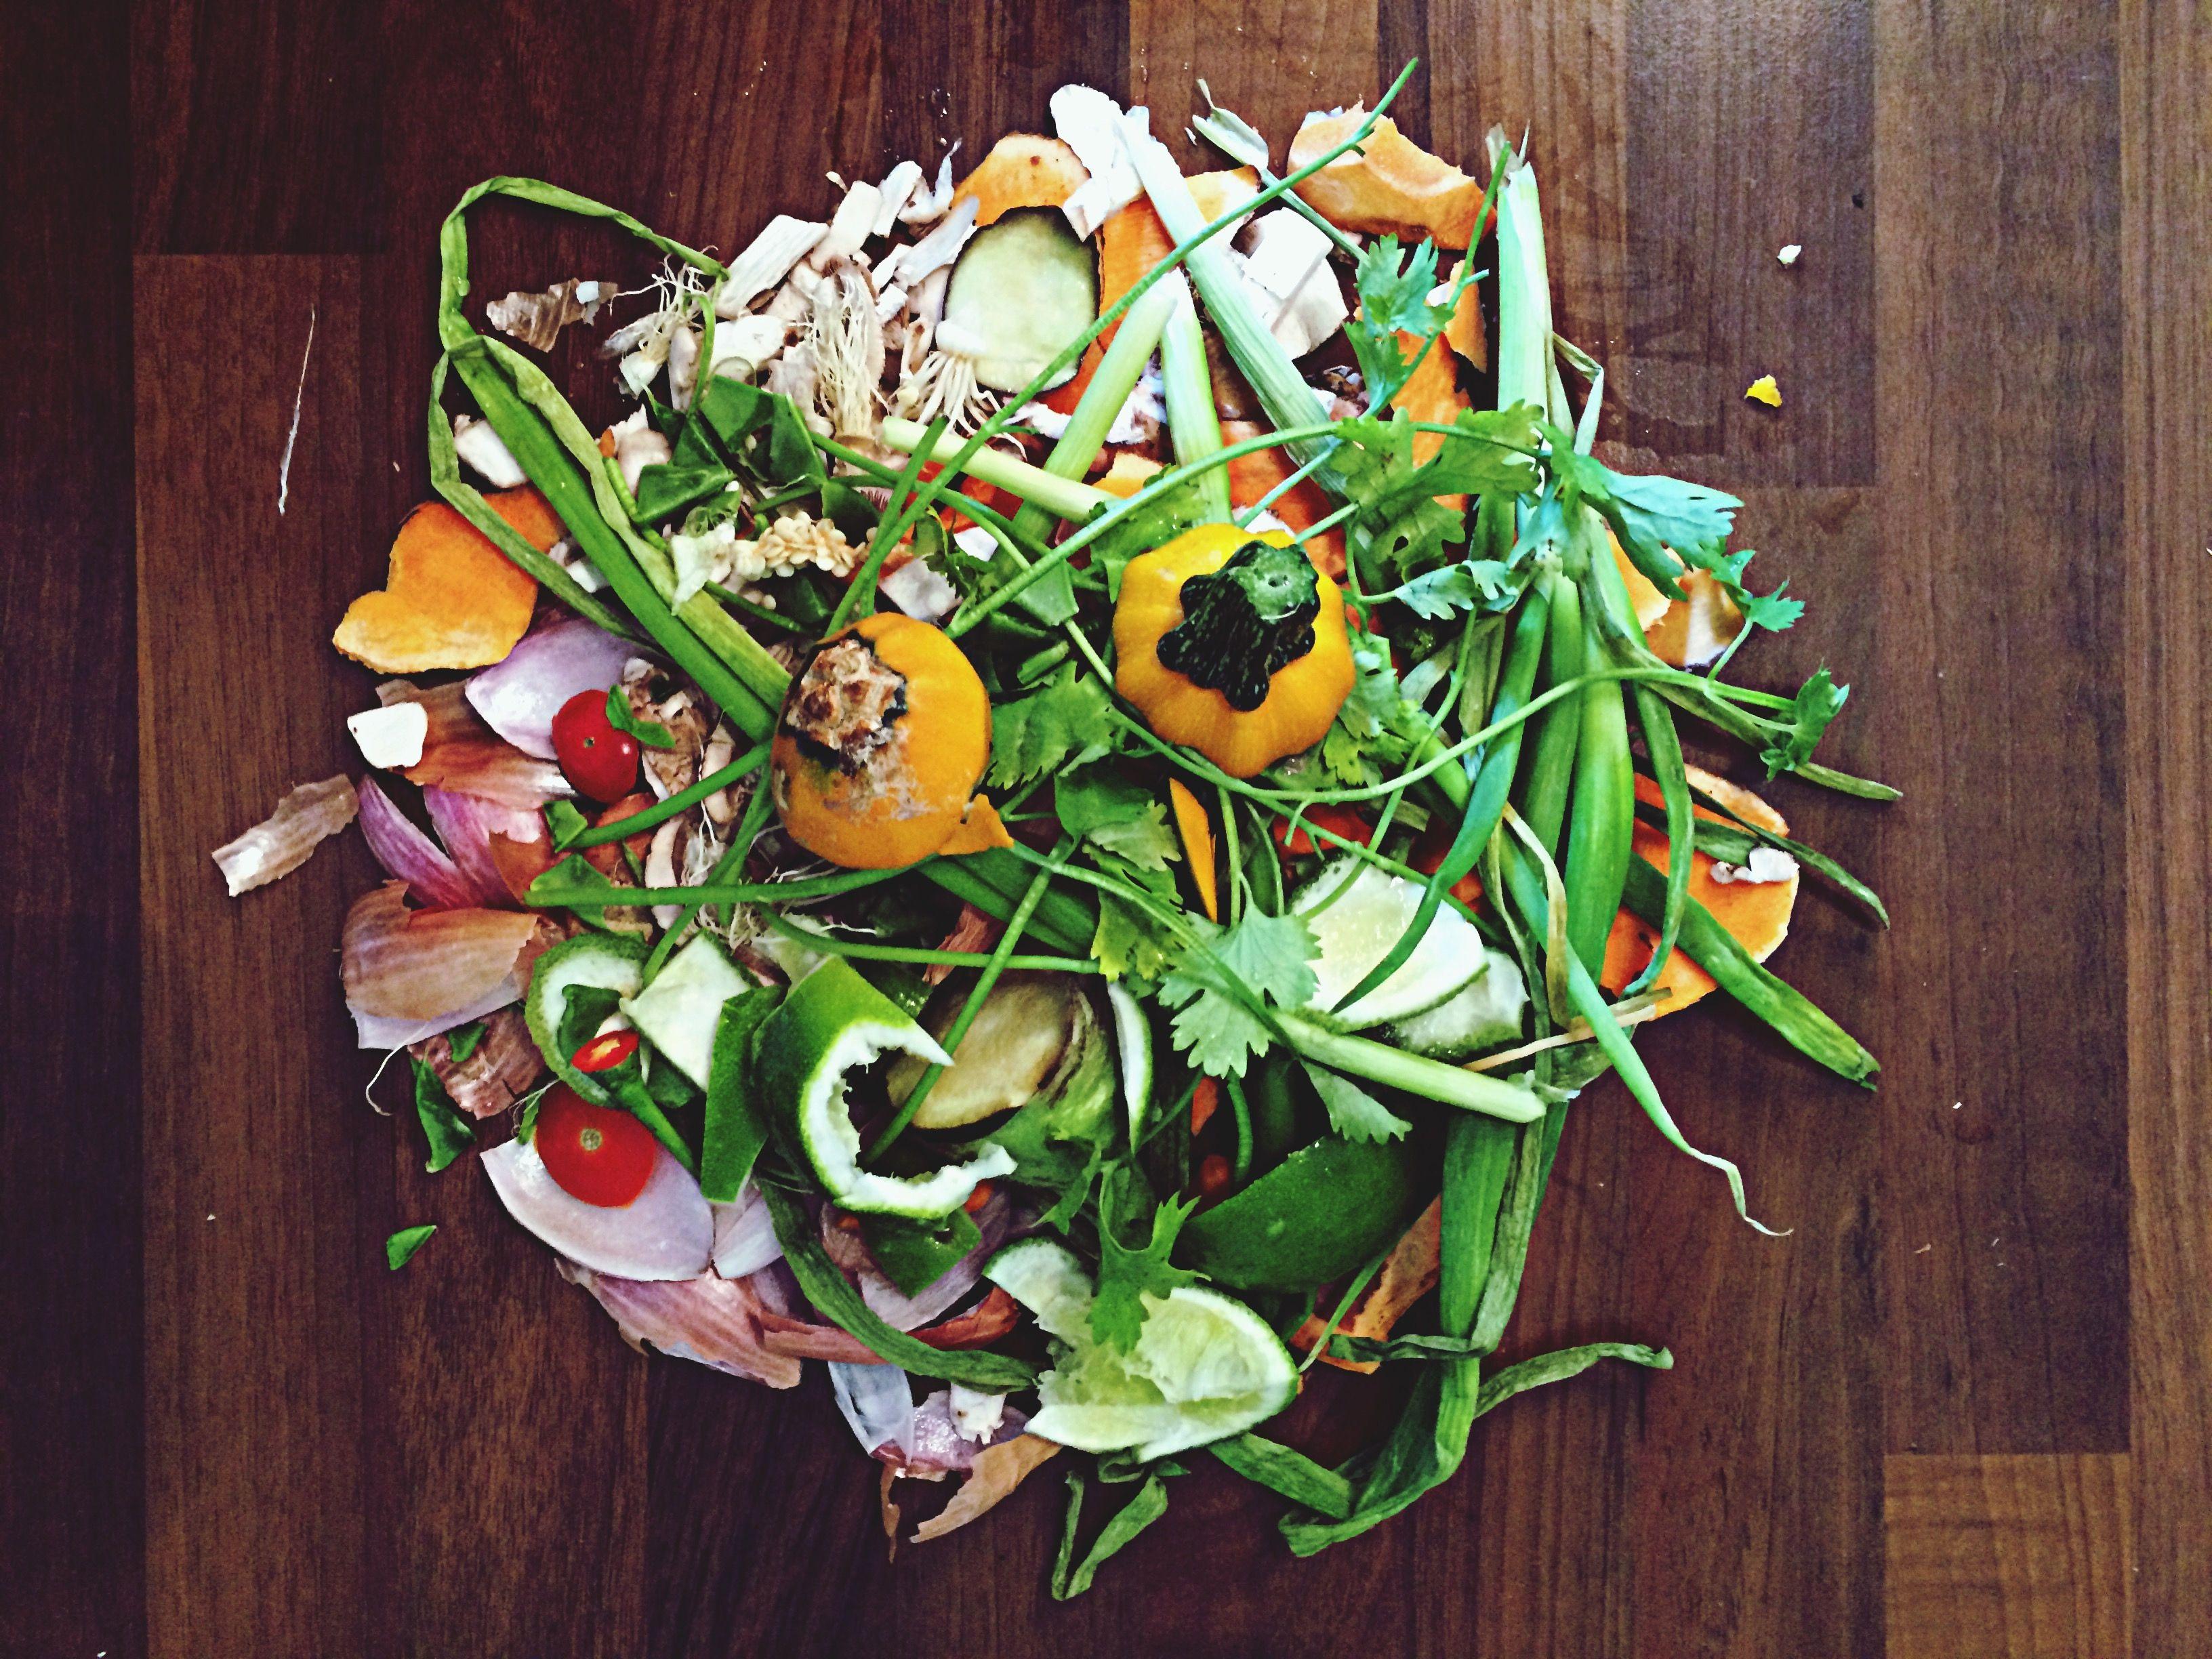 Vegetable peels and scraps